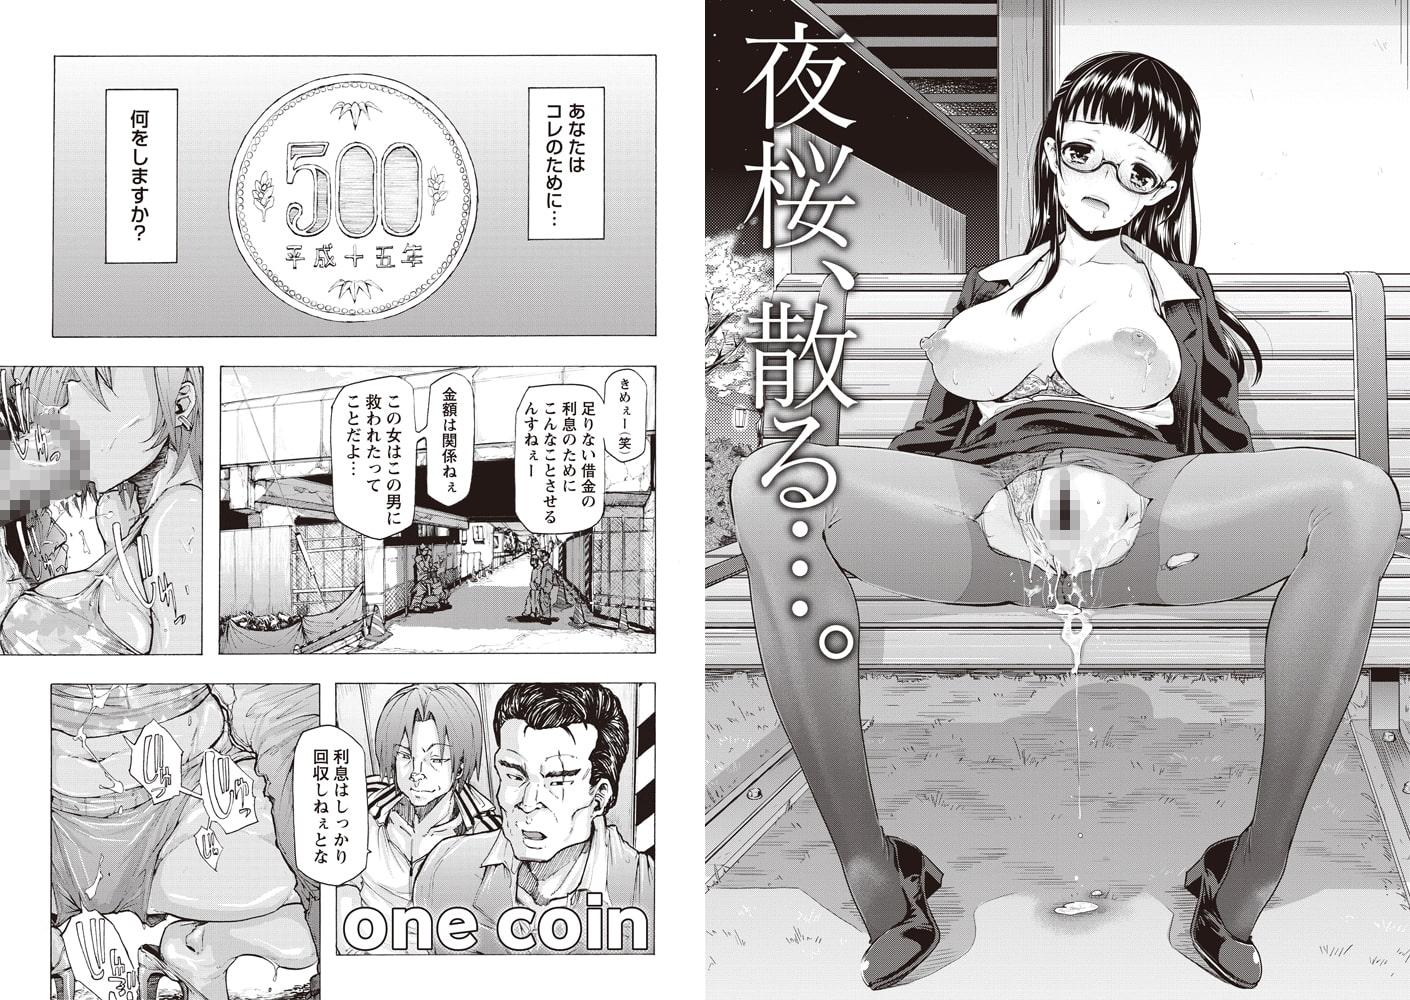 強制アブノーマル・パラダイス vol2